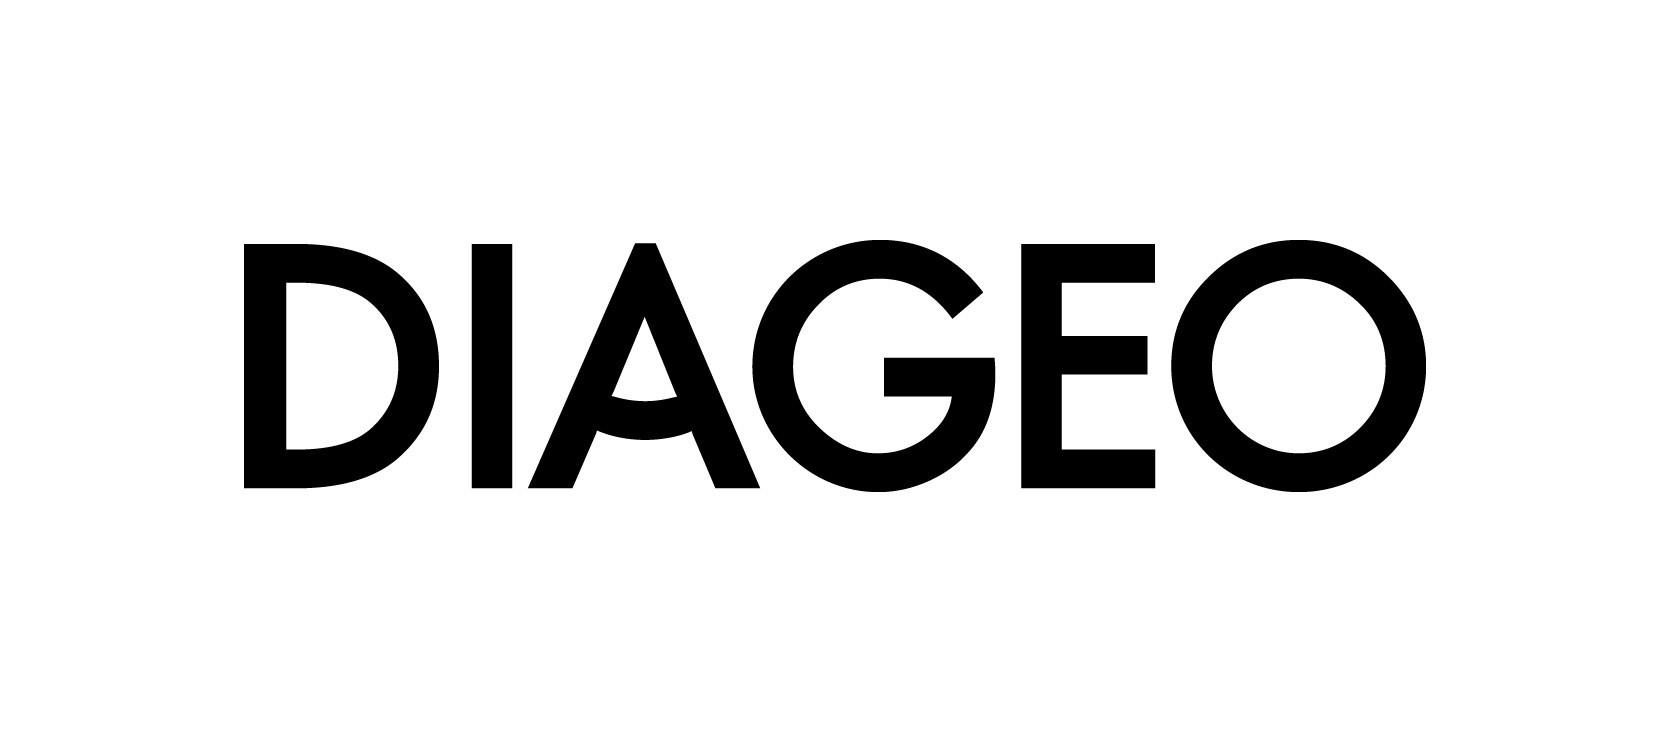 (PRNewsfoto/Diageo plc)